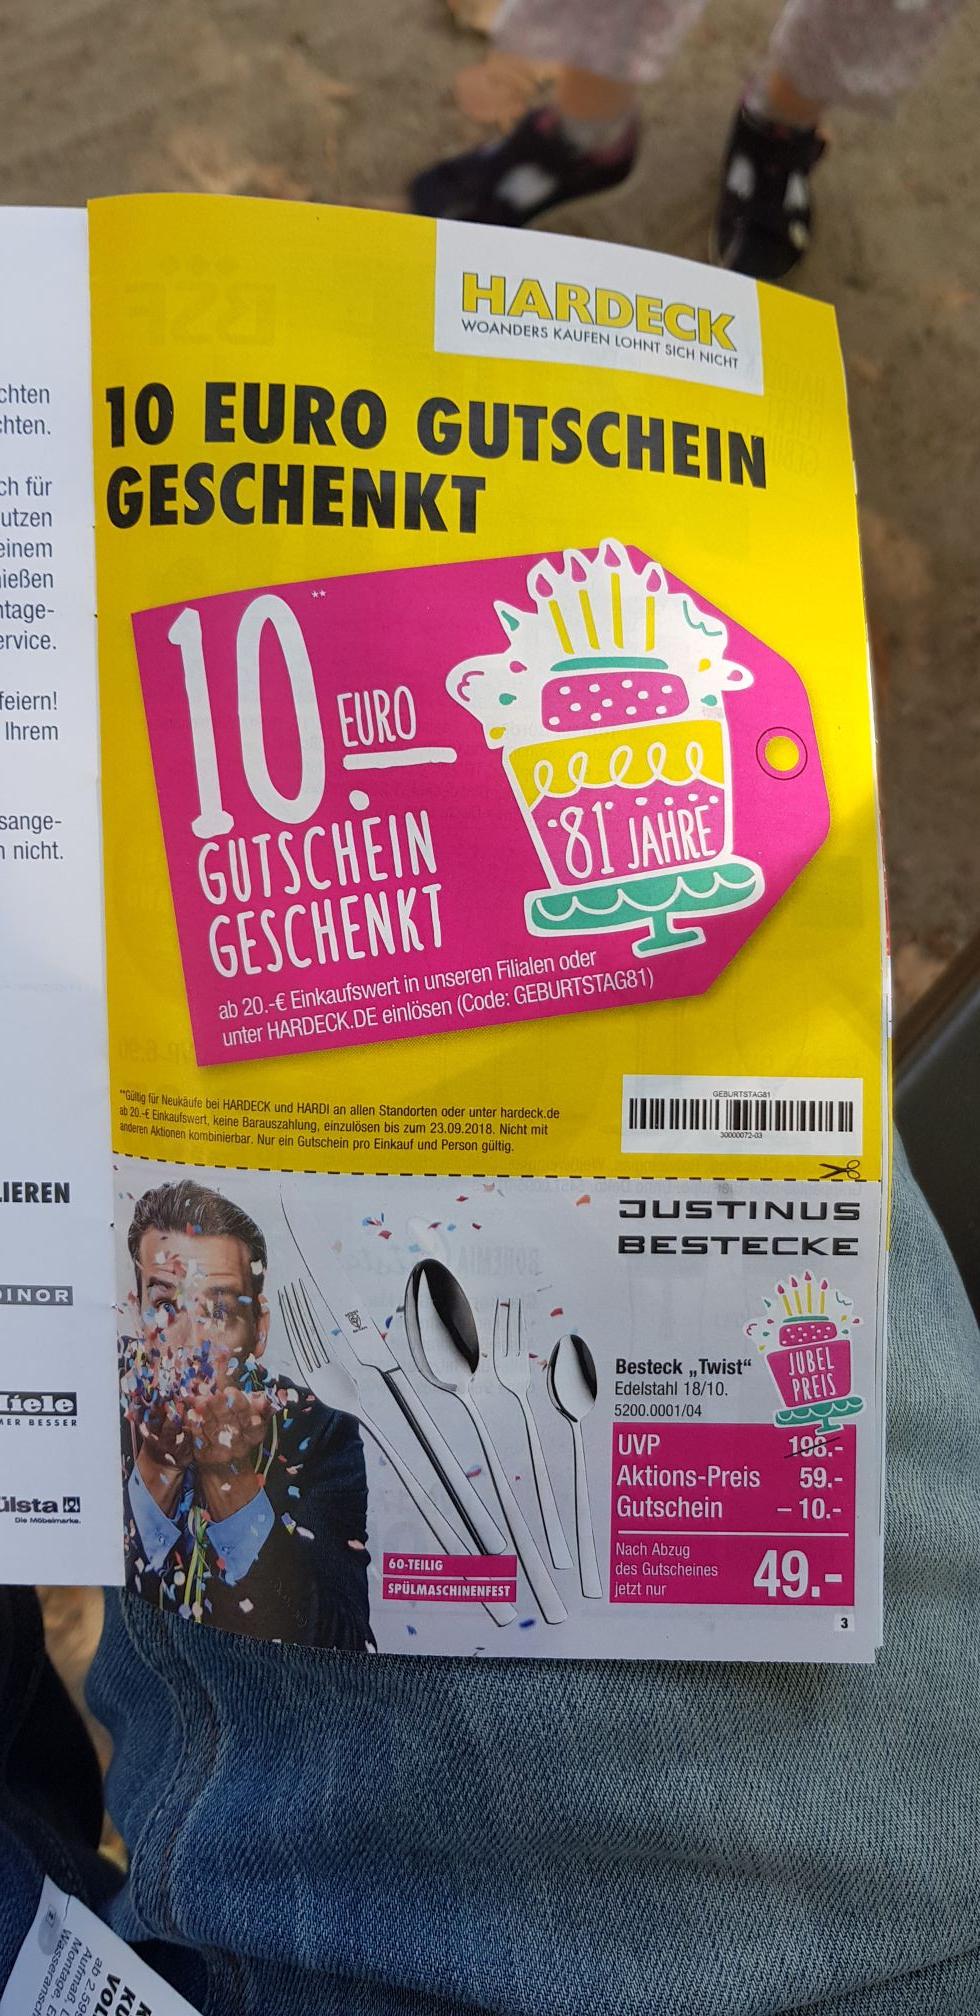 Möbel Hardeck 10 Euro Gutschein bei 20 Euro Mindestbestellwert